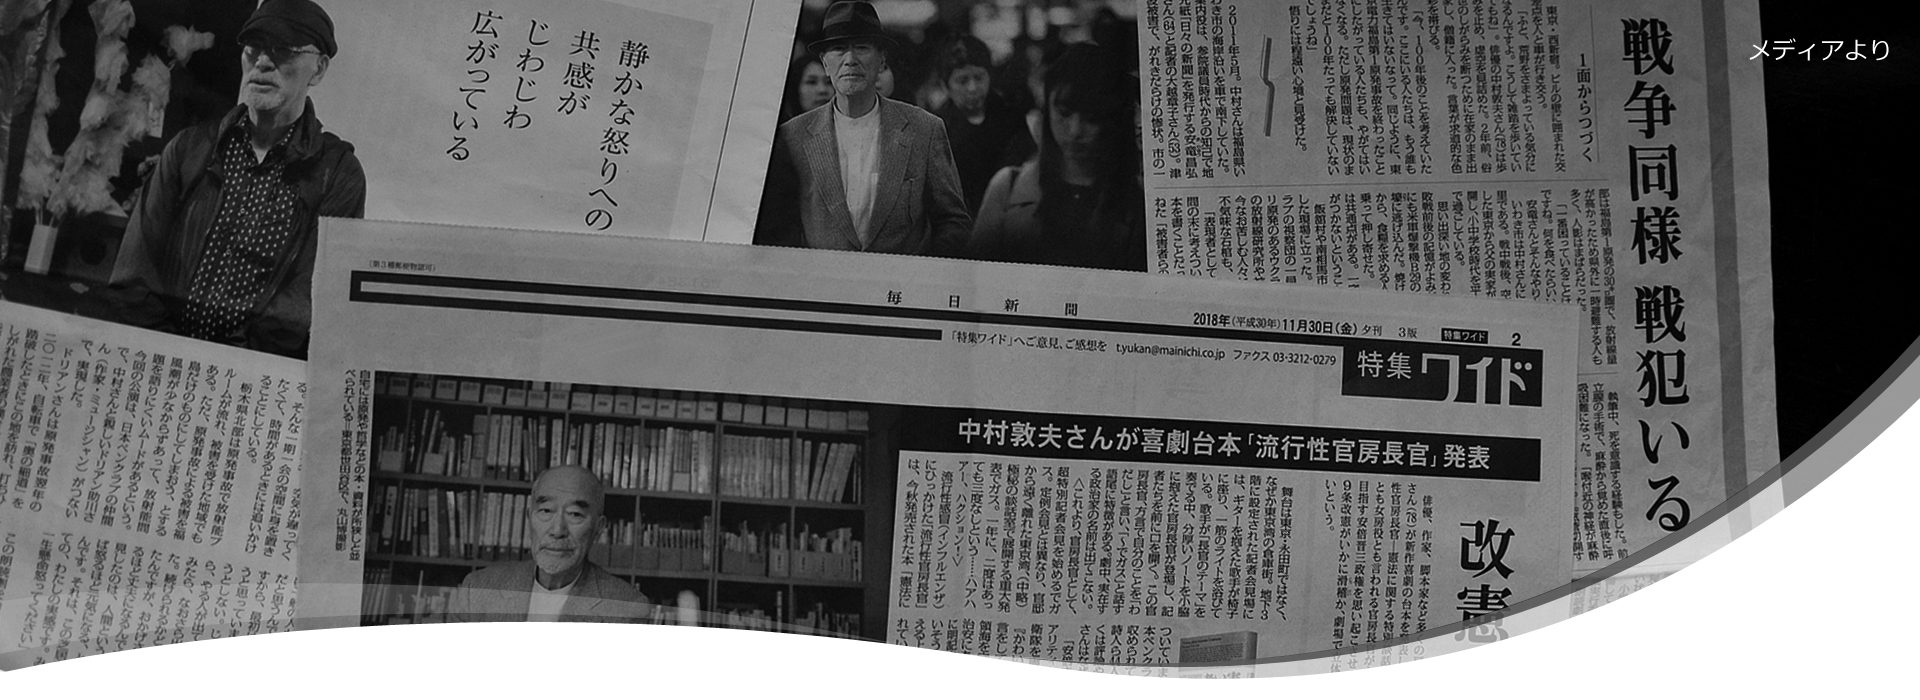 中村敦夫 公式サイト